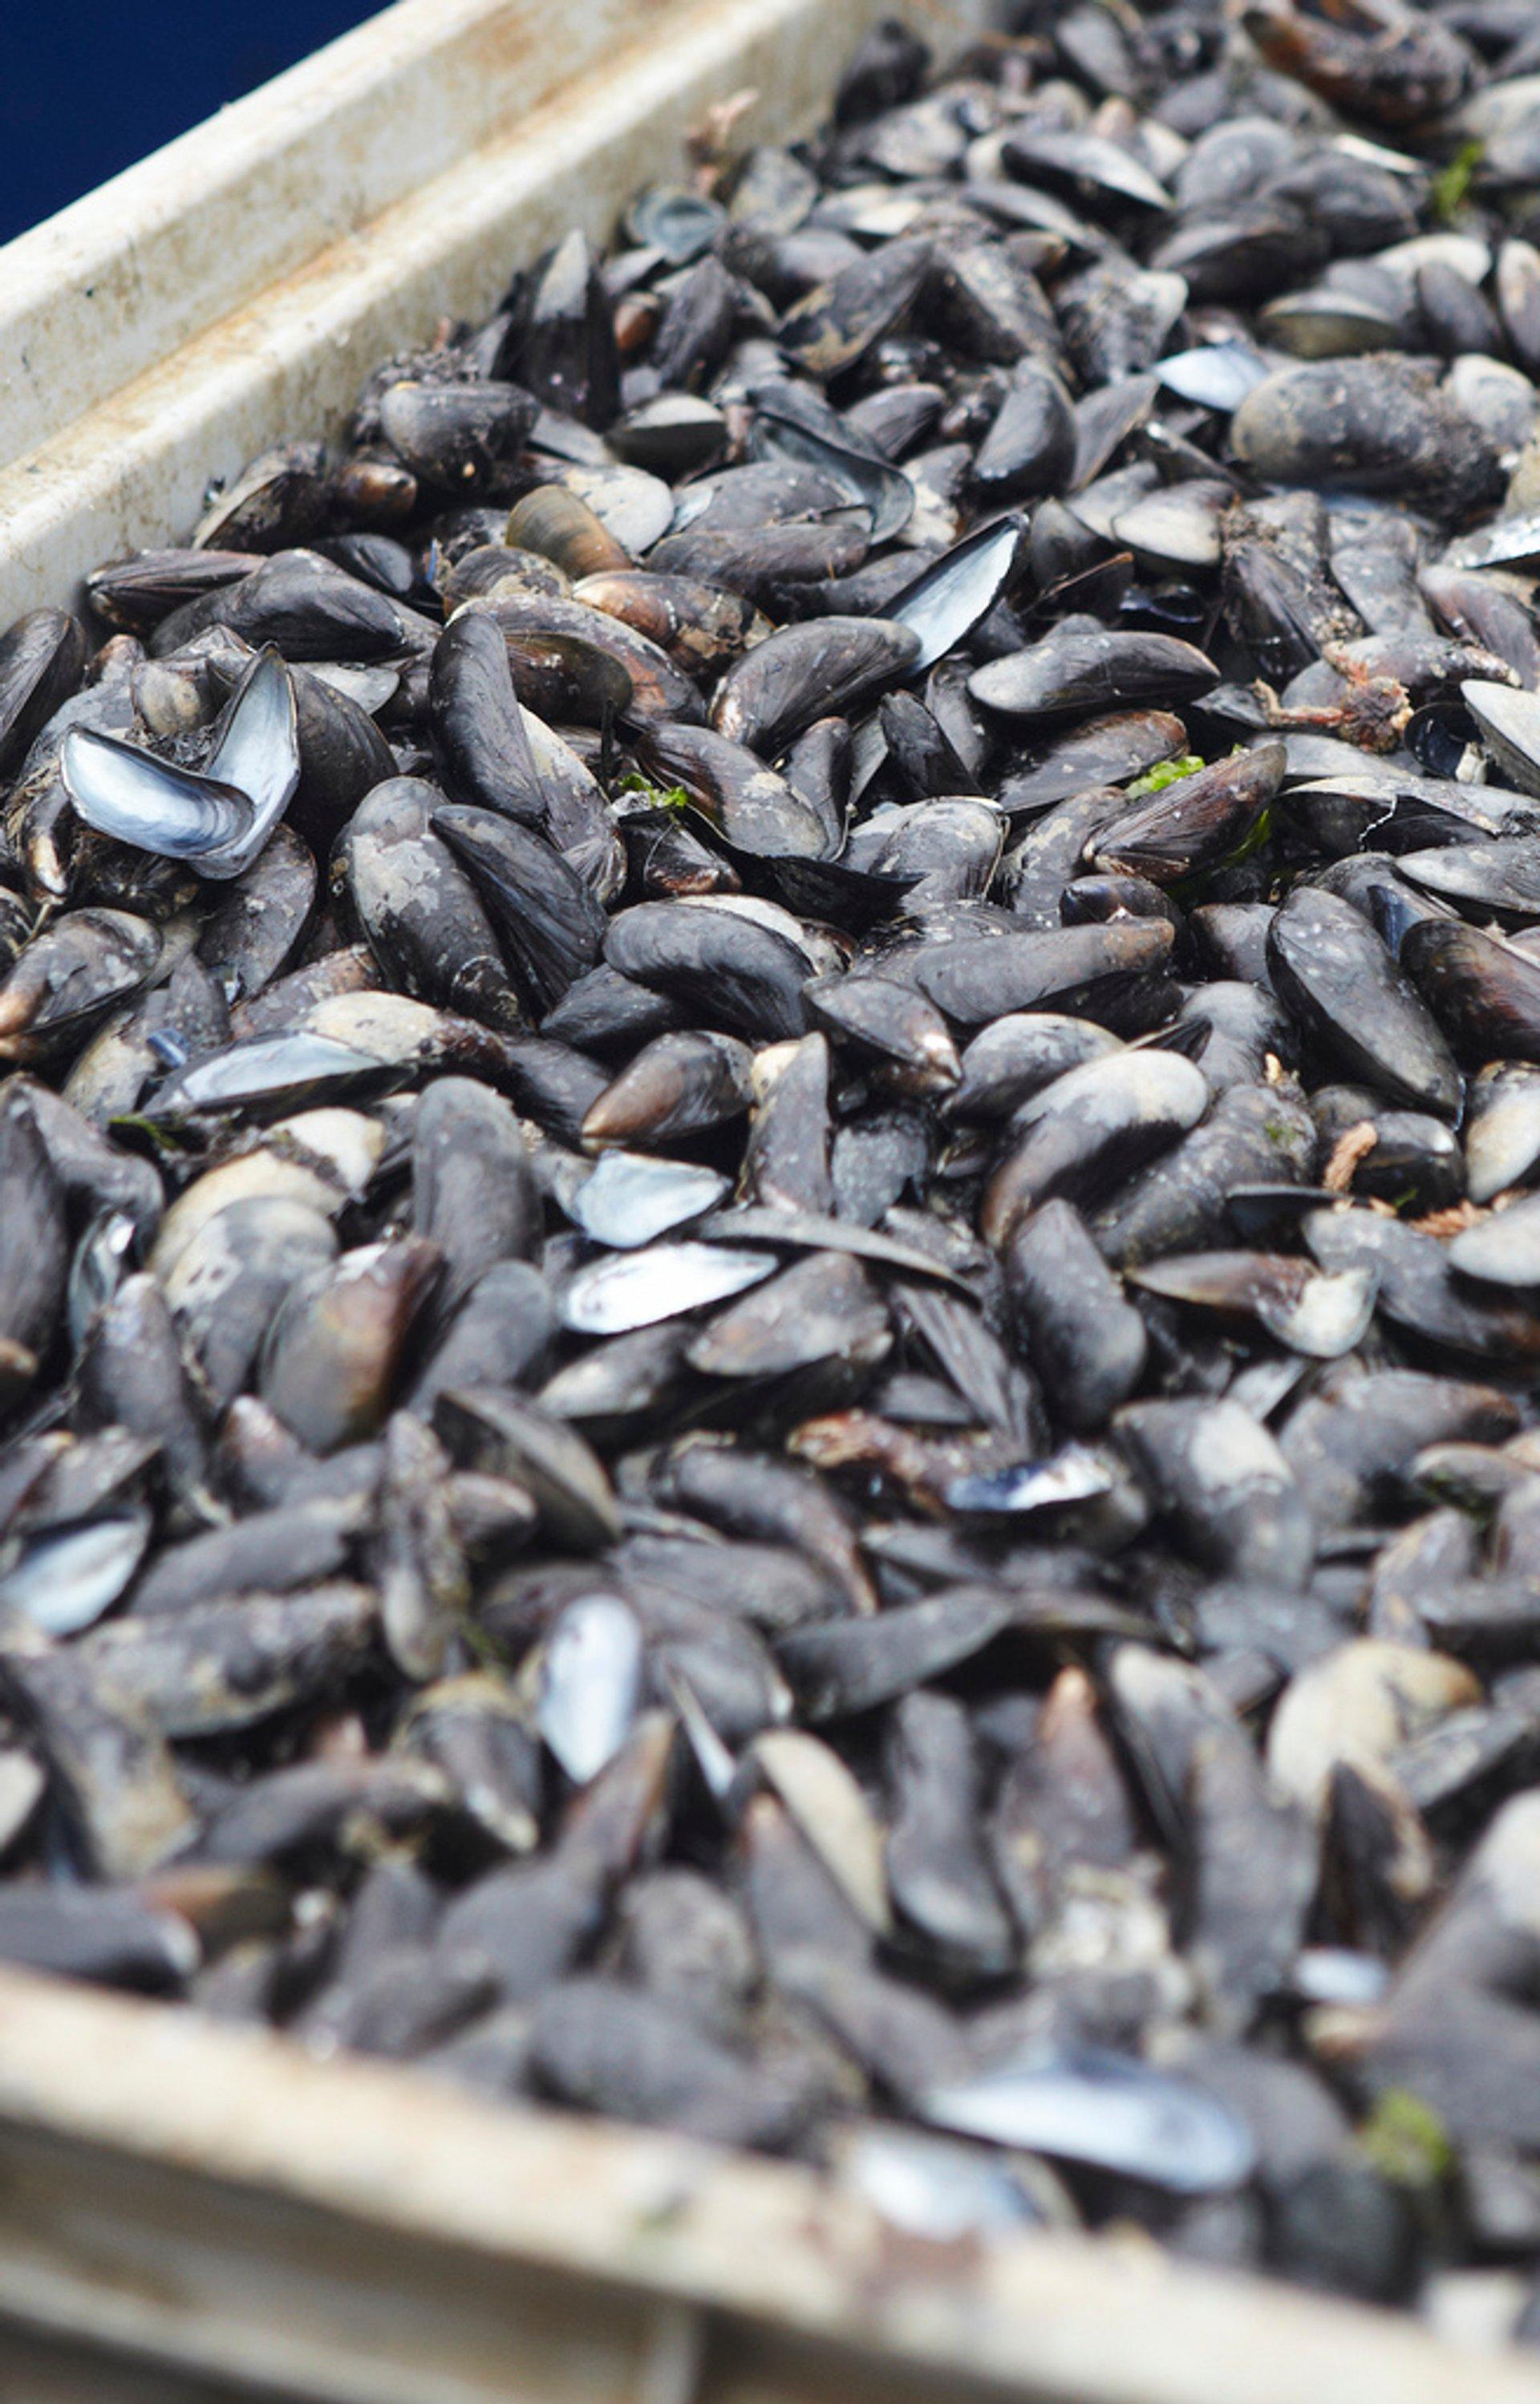 Zeeland Mussels in The Netherlands - Best Season